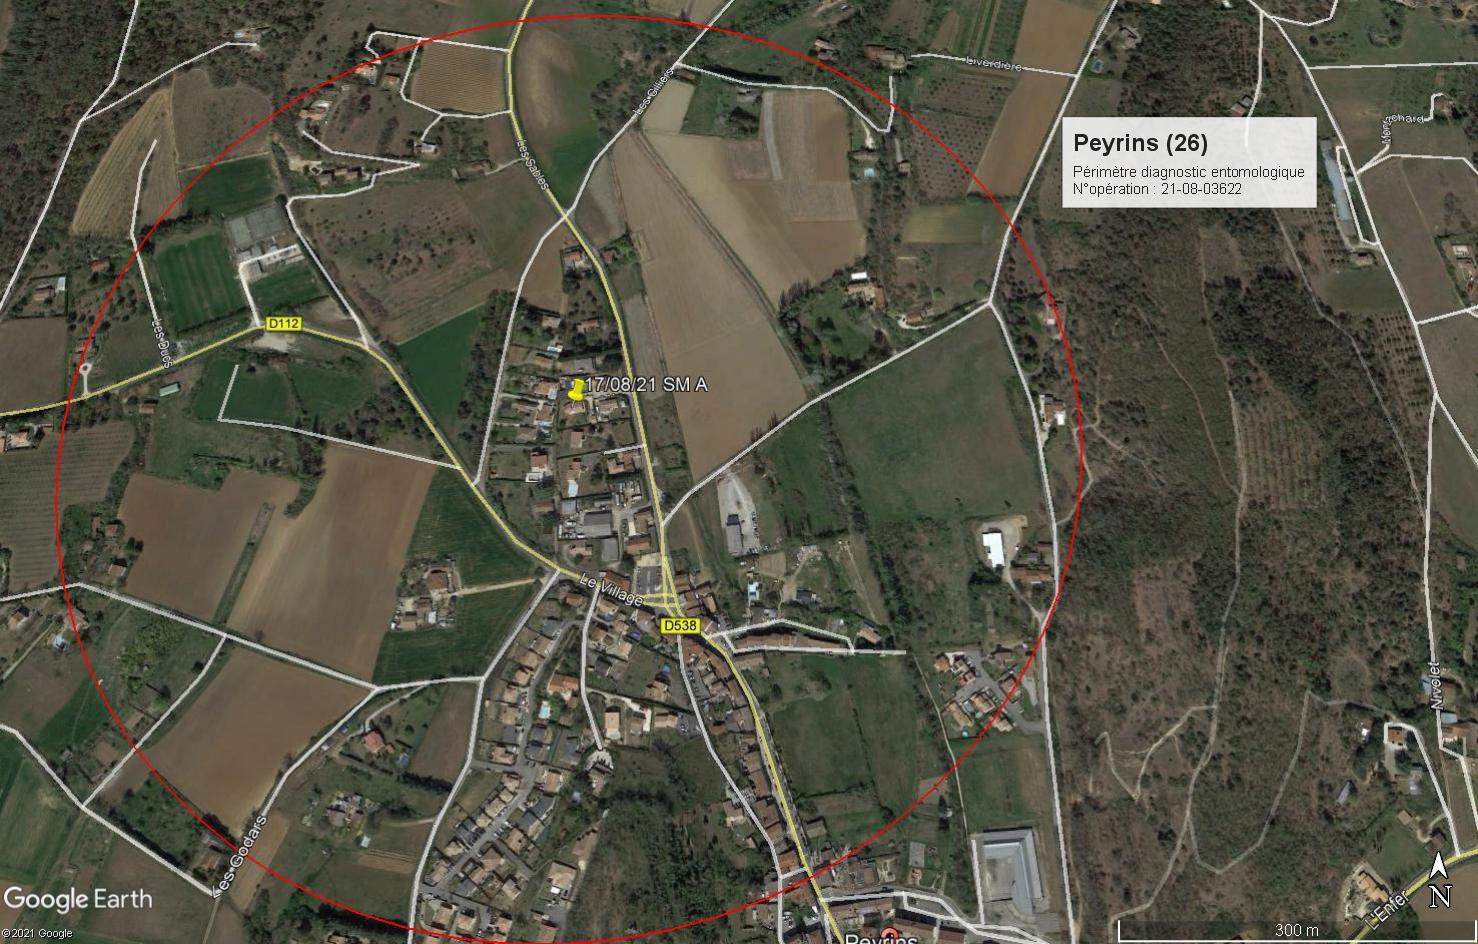 Peyrins_périmètre diagnostic entomologique_235 route de marges _opération 21-08-03622.jpg